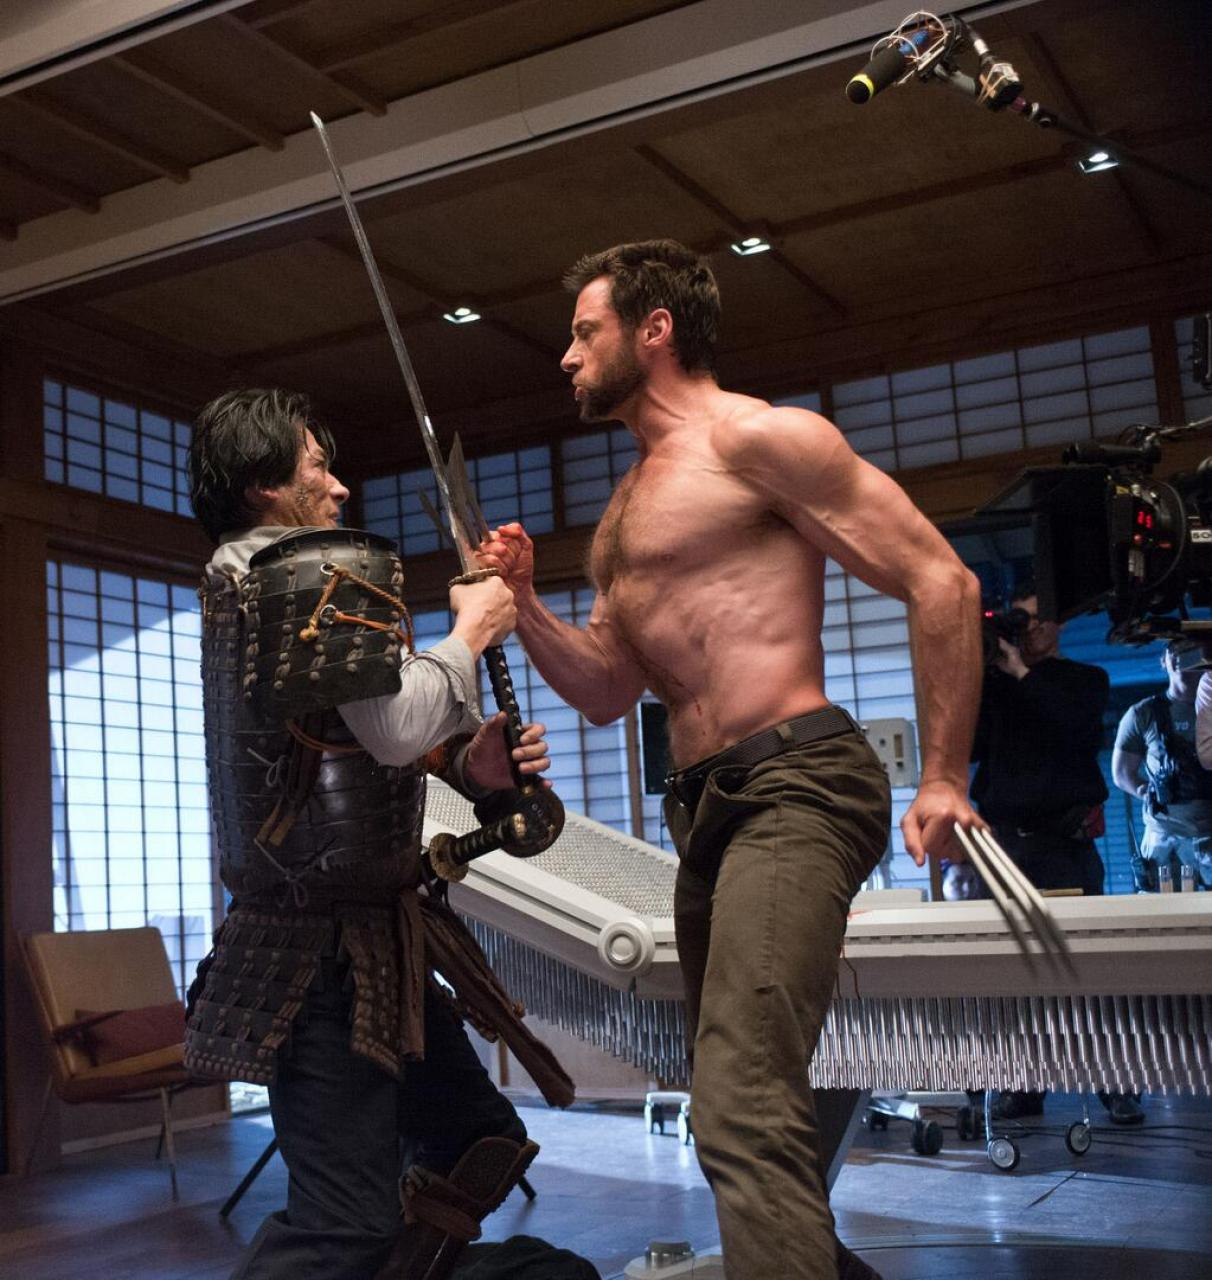 hr_The_Wolverine_22